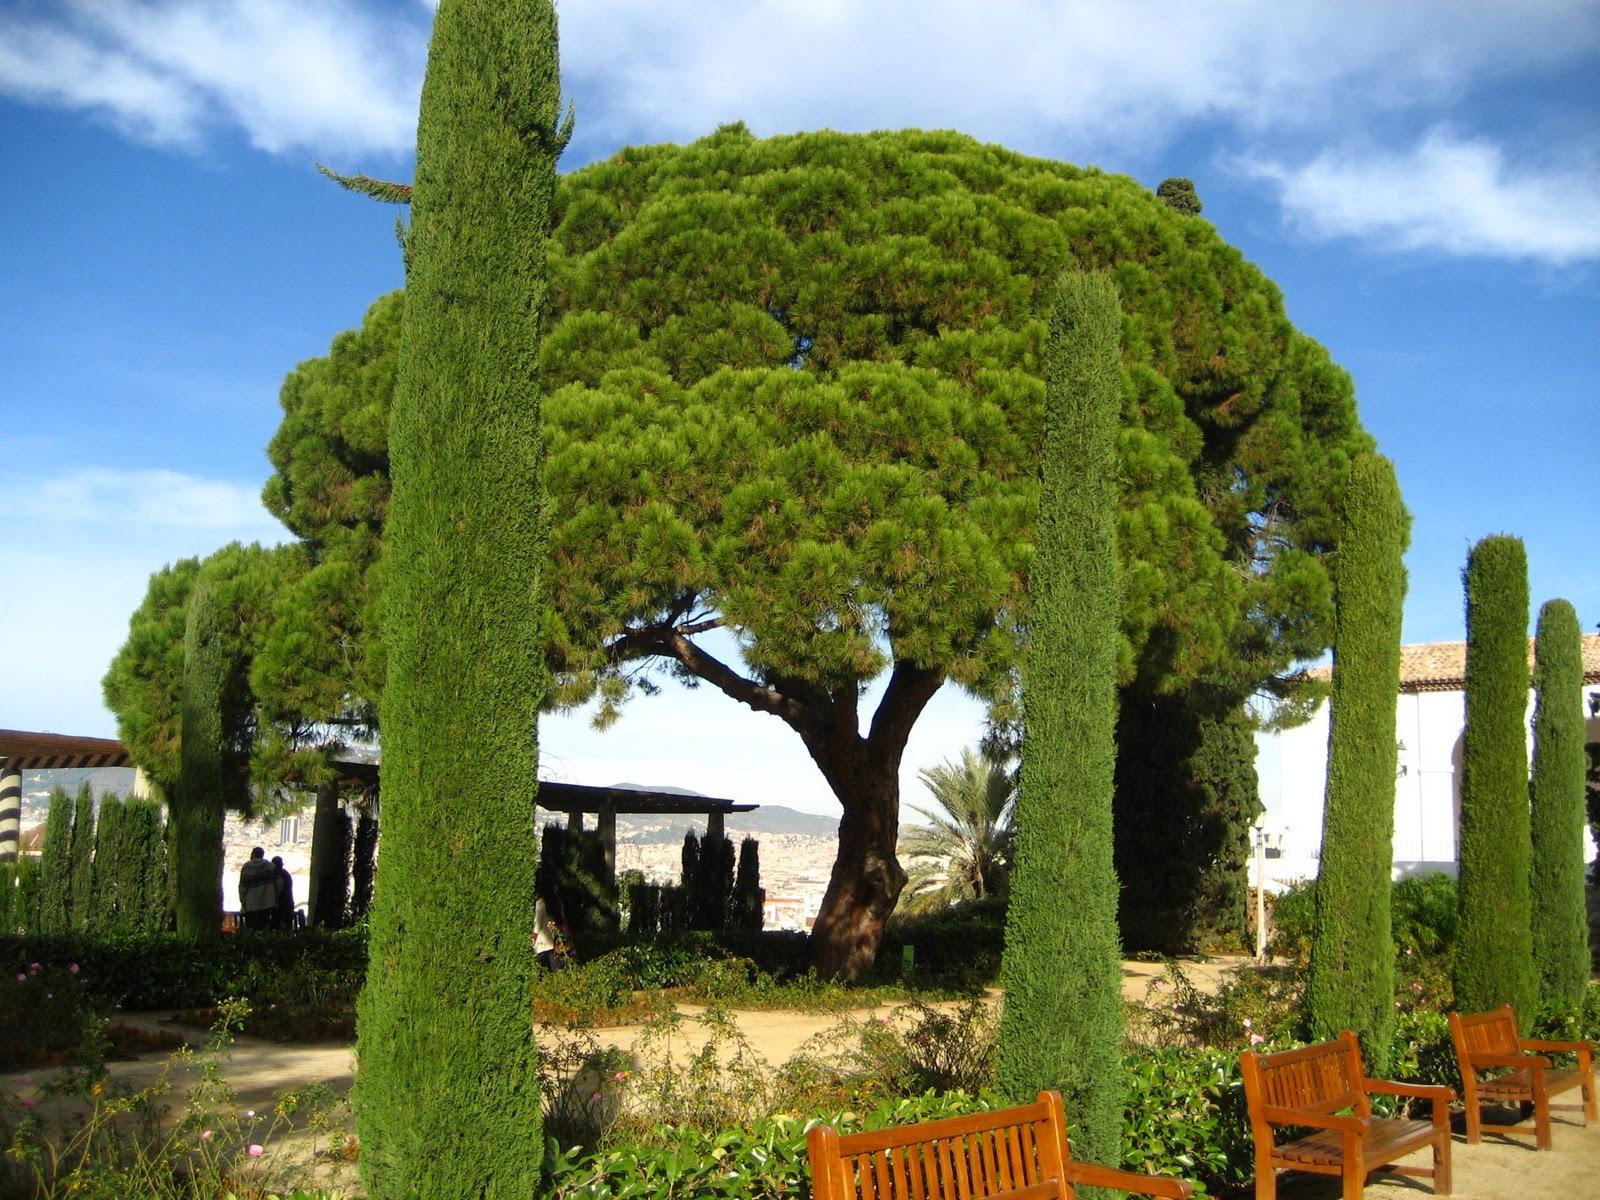 Arte y jardiner a pino pi onero pinus pinea familia for Tipos de pinos para jardin fotos